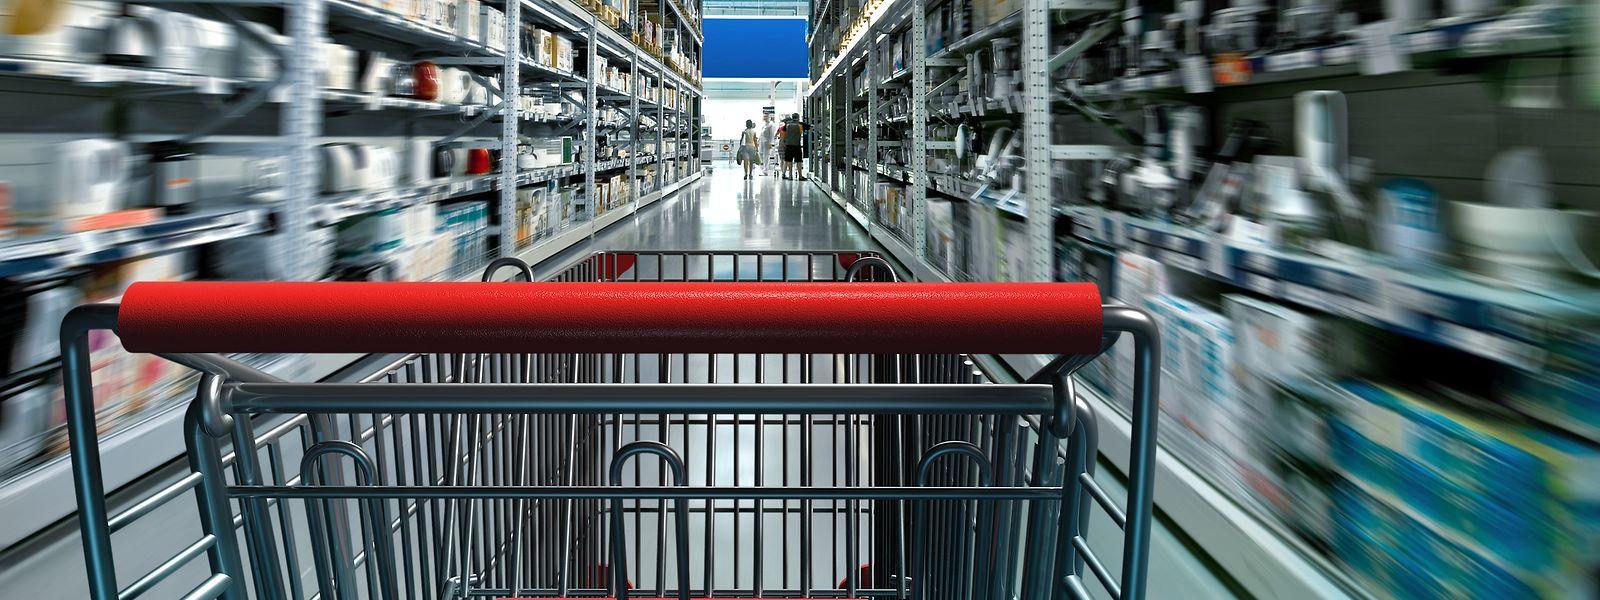 Einkaufsparadies Luxemburg, zumindest, was die Menge an Verkaufsflächen angeht - und sie soll noch steigen.